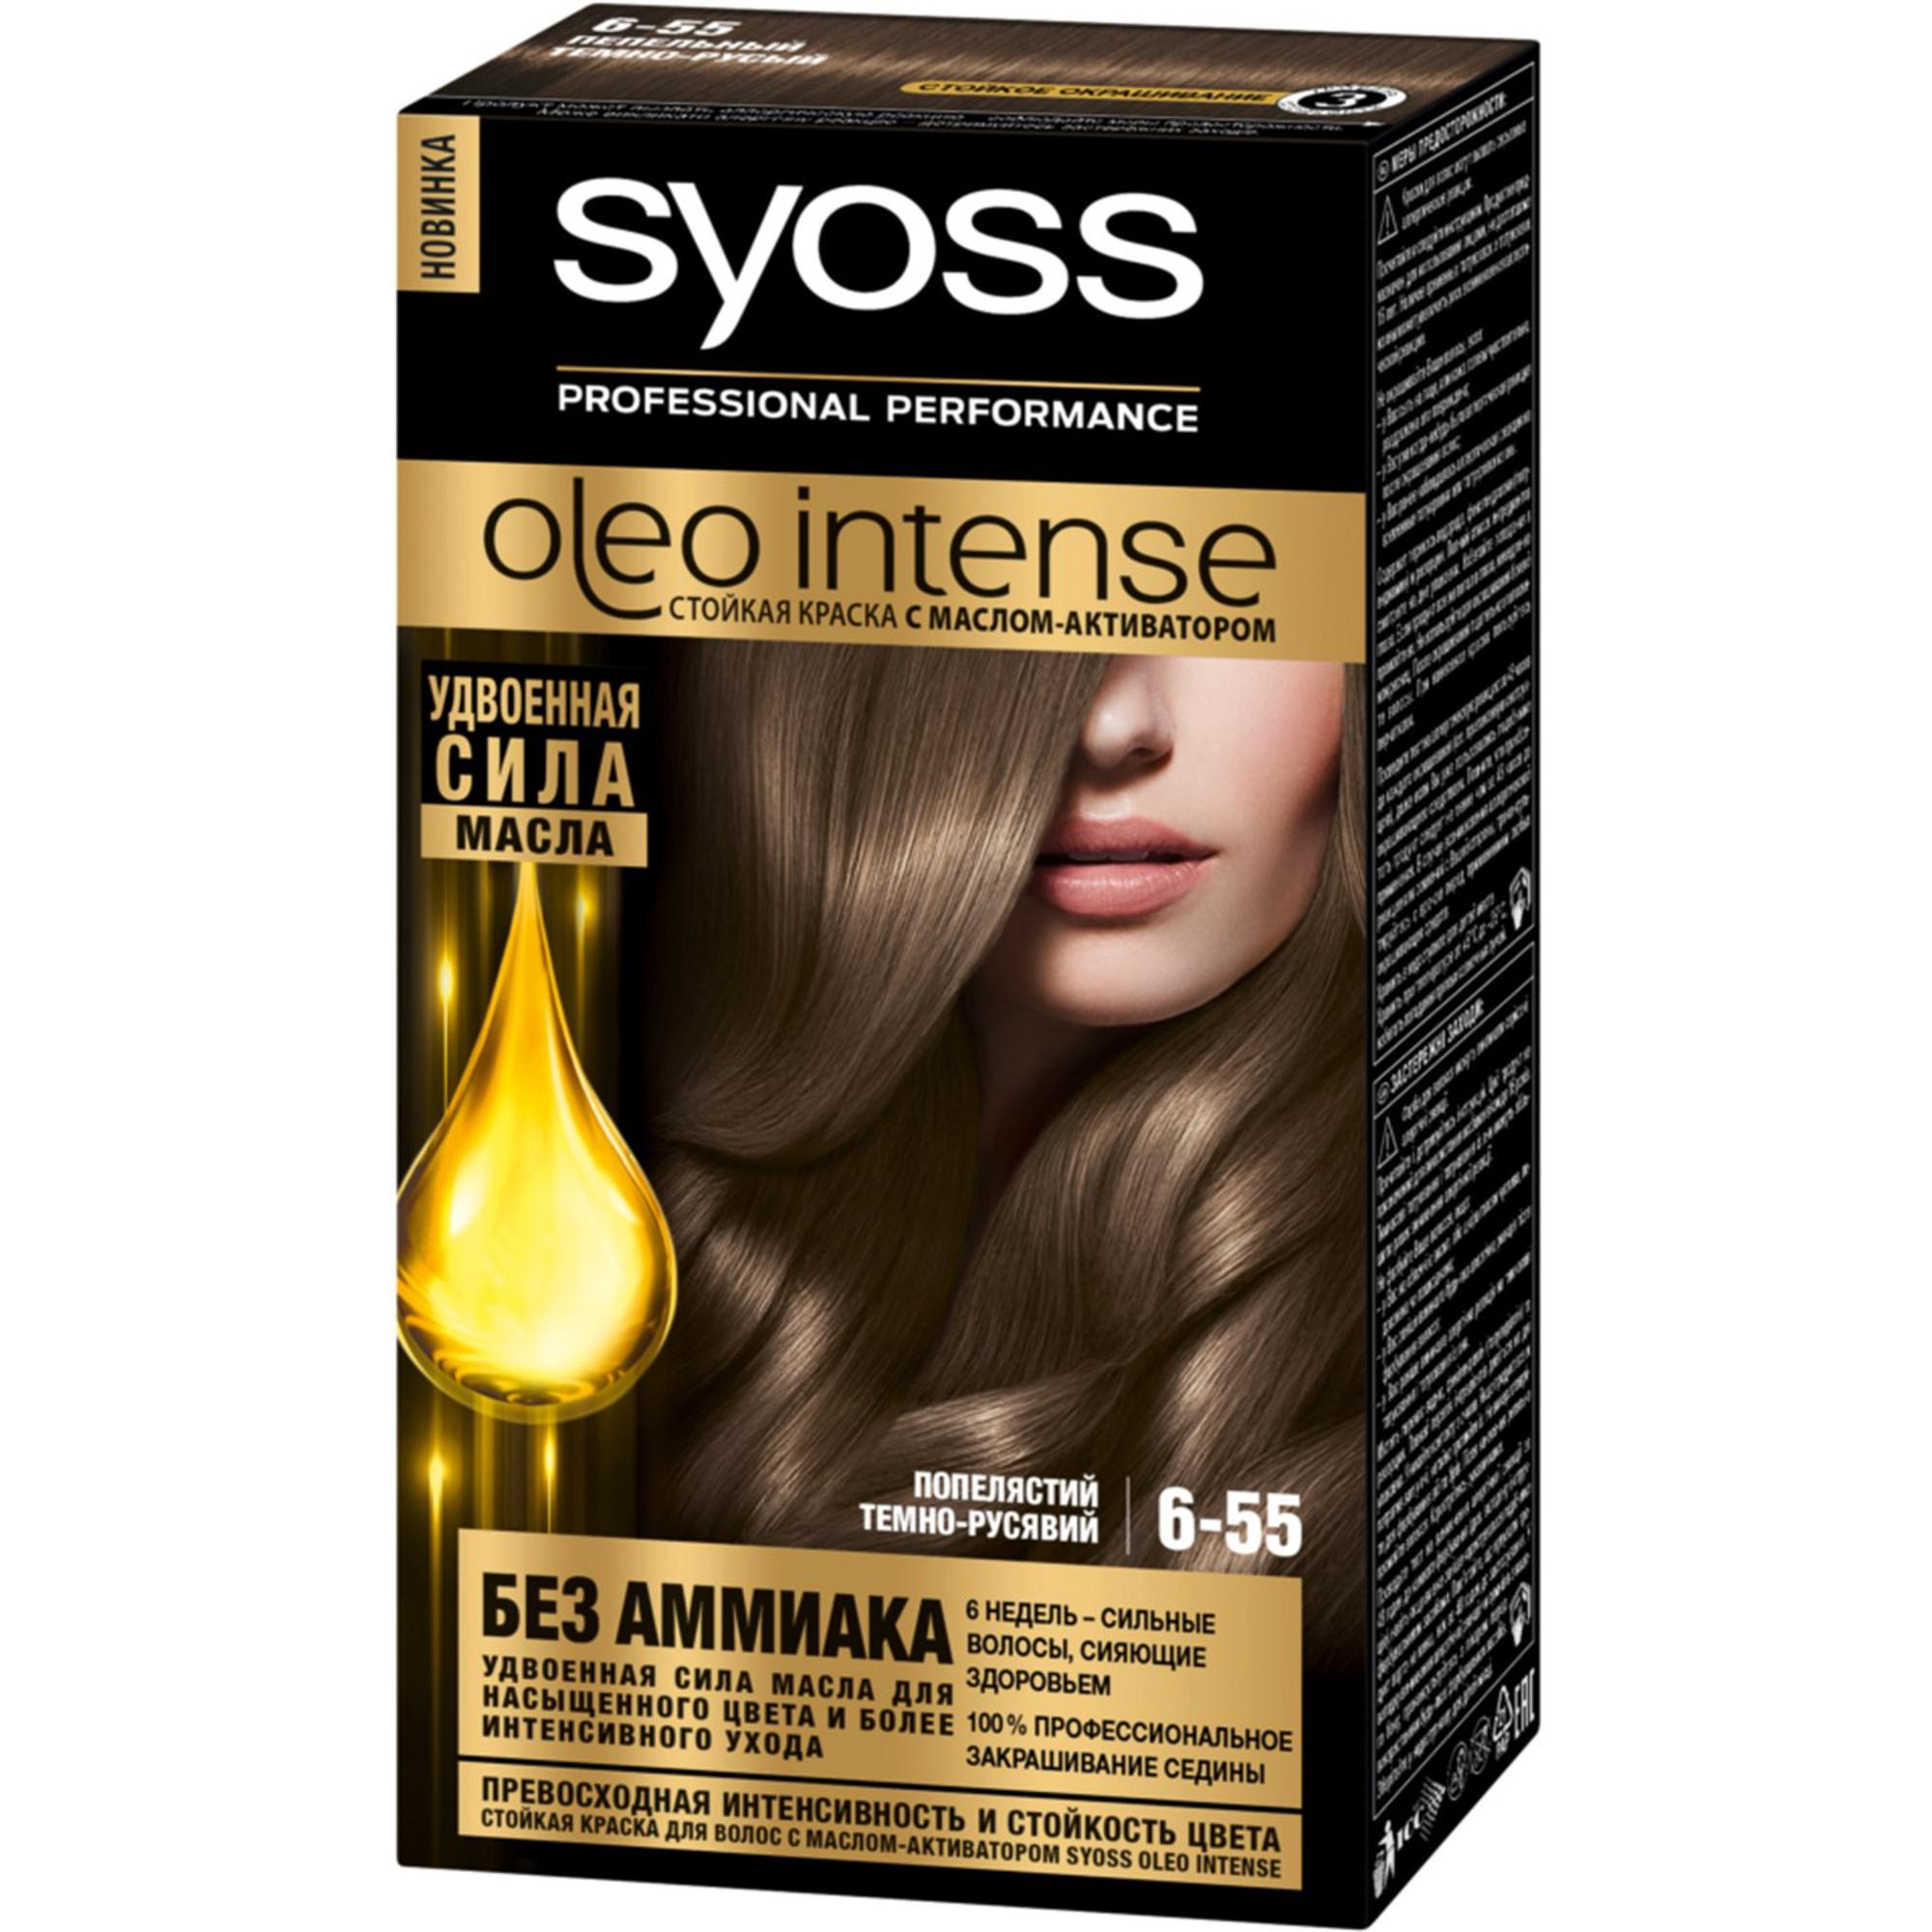 Краска для волос Syoss Oleo Intense 6-55 Пепельный темно-русый syoss oleo intense краска для волос 6 10 тёмно русый 50мл